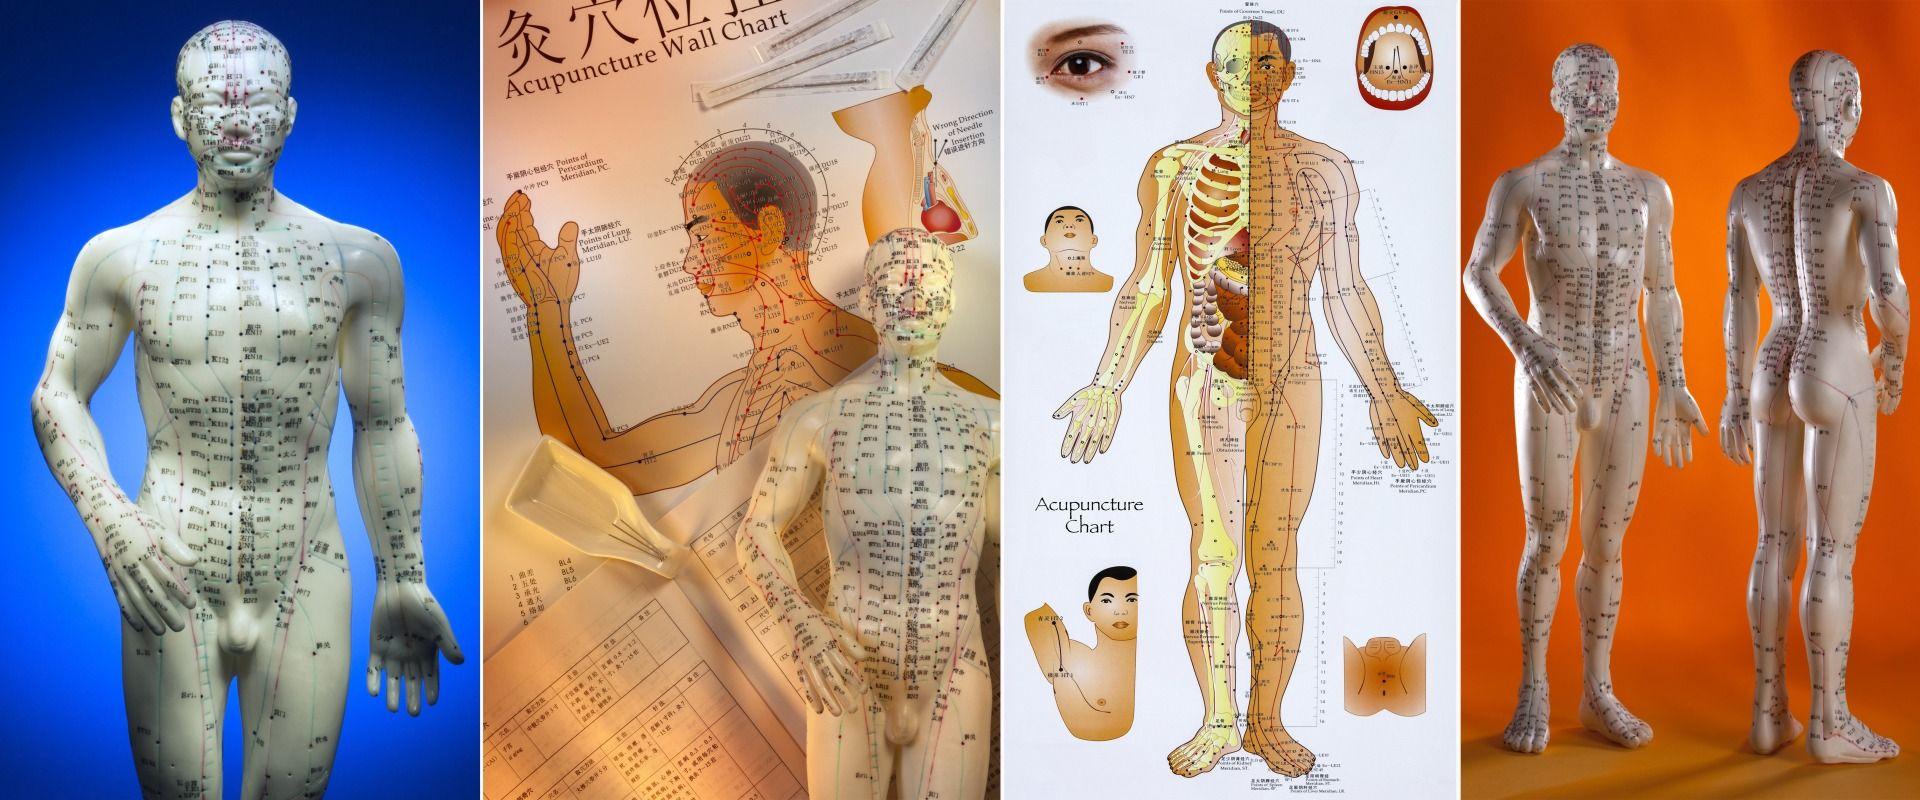 Akupunktur in der chinesischen Medizin